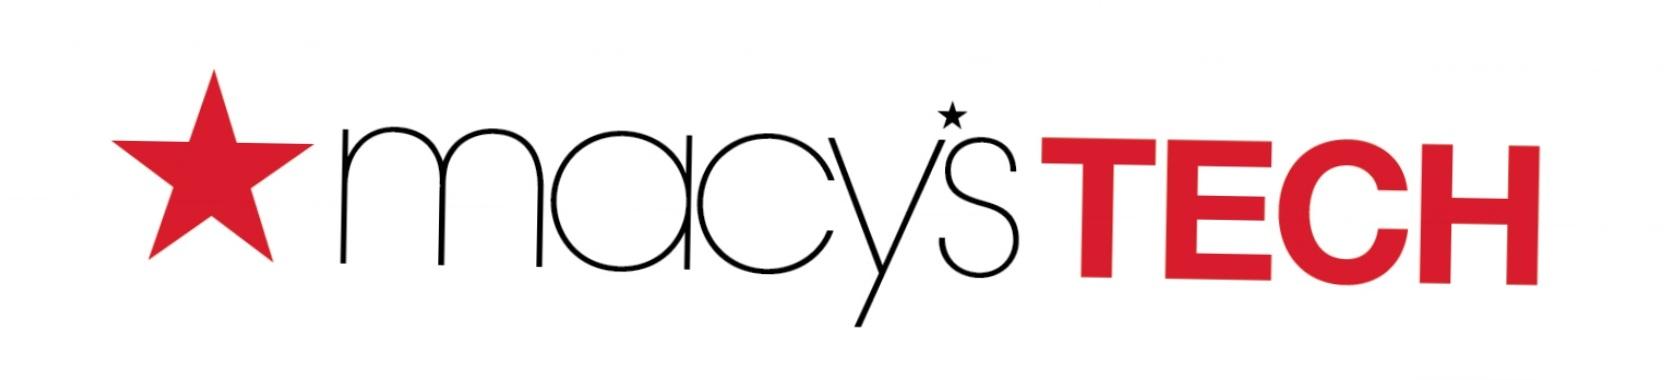 Macys_Tech_logo_2c.jpg